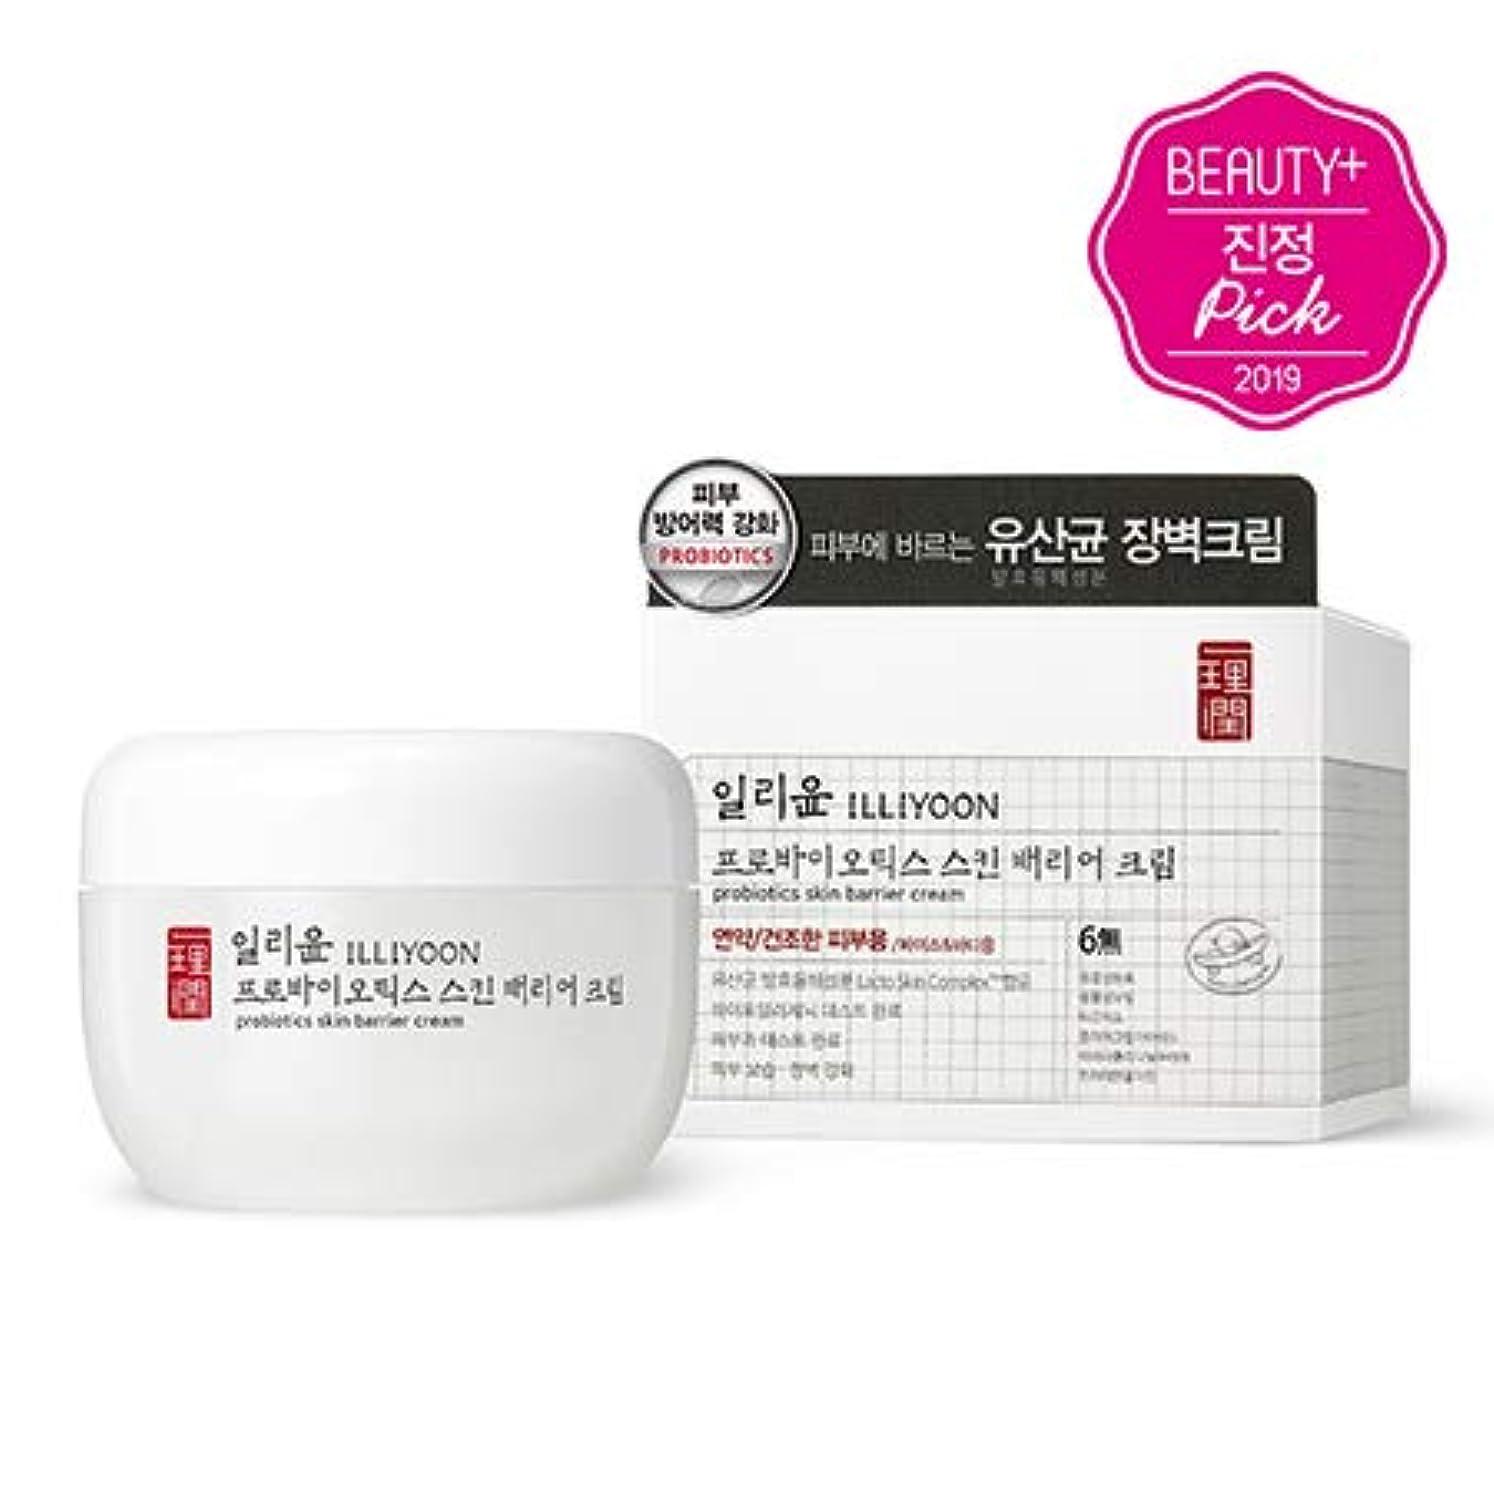 壮大なトイレ石化する[illiyoon]プロバイオティクススキンバリアクリーム(100ml)/ pro biotics skin barrier cream